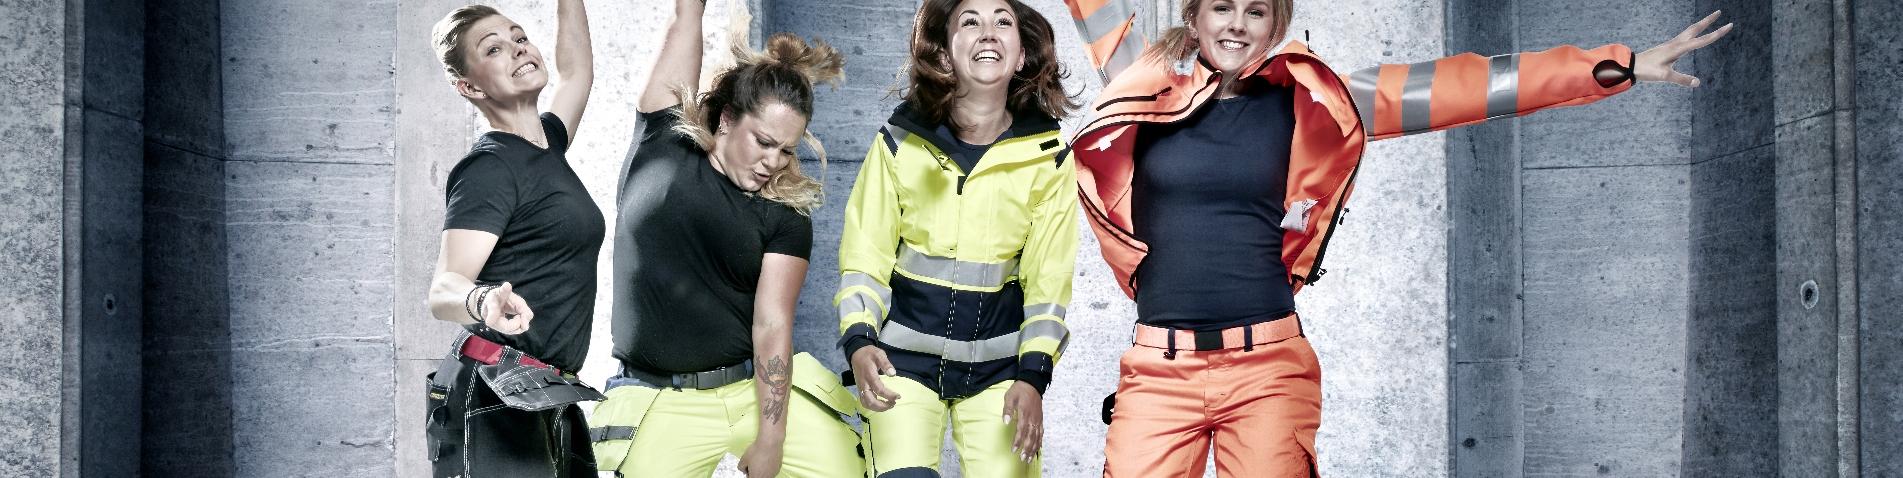 workwear4all-be -  Dames werkbroek banner breed